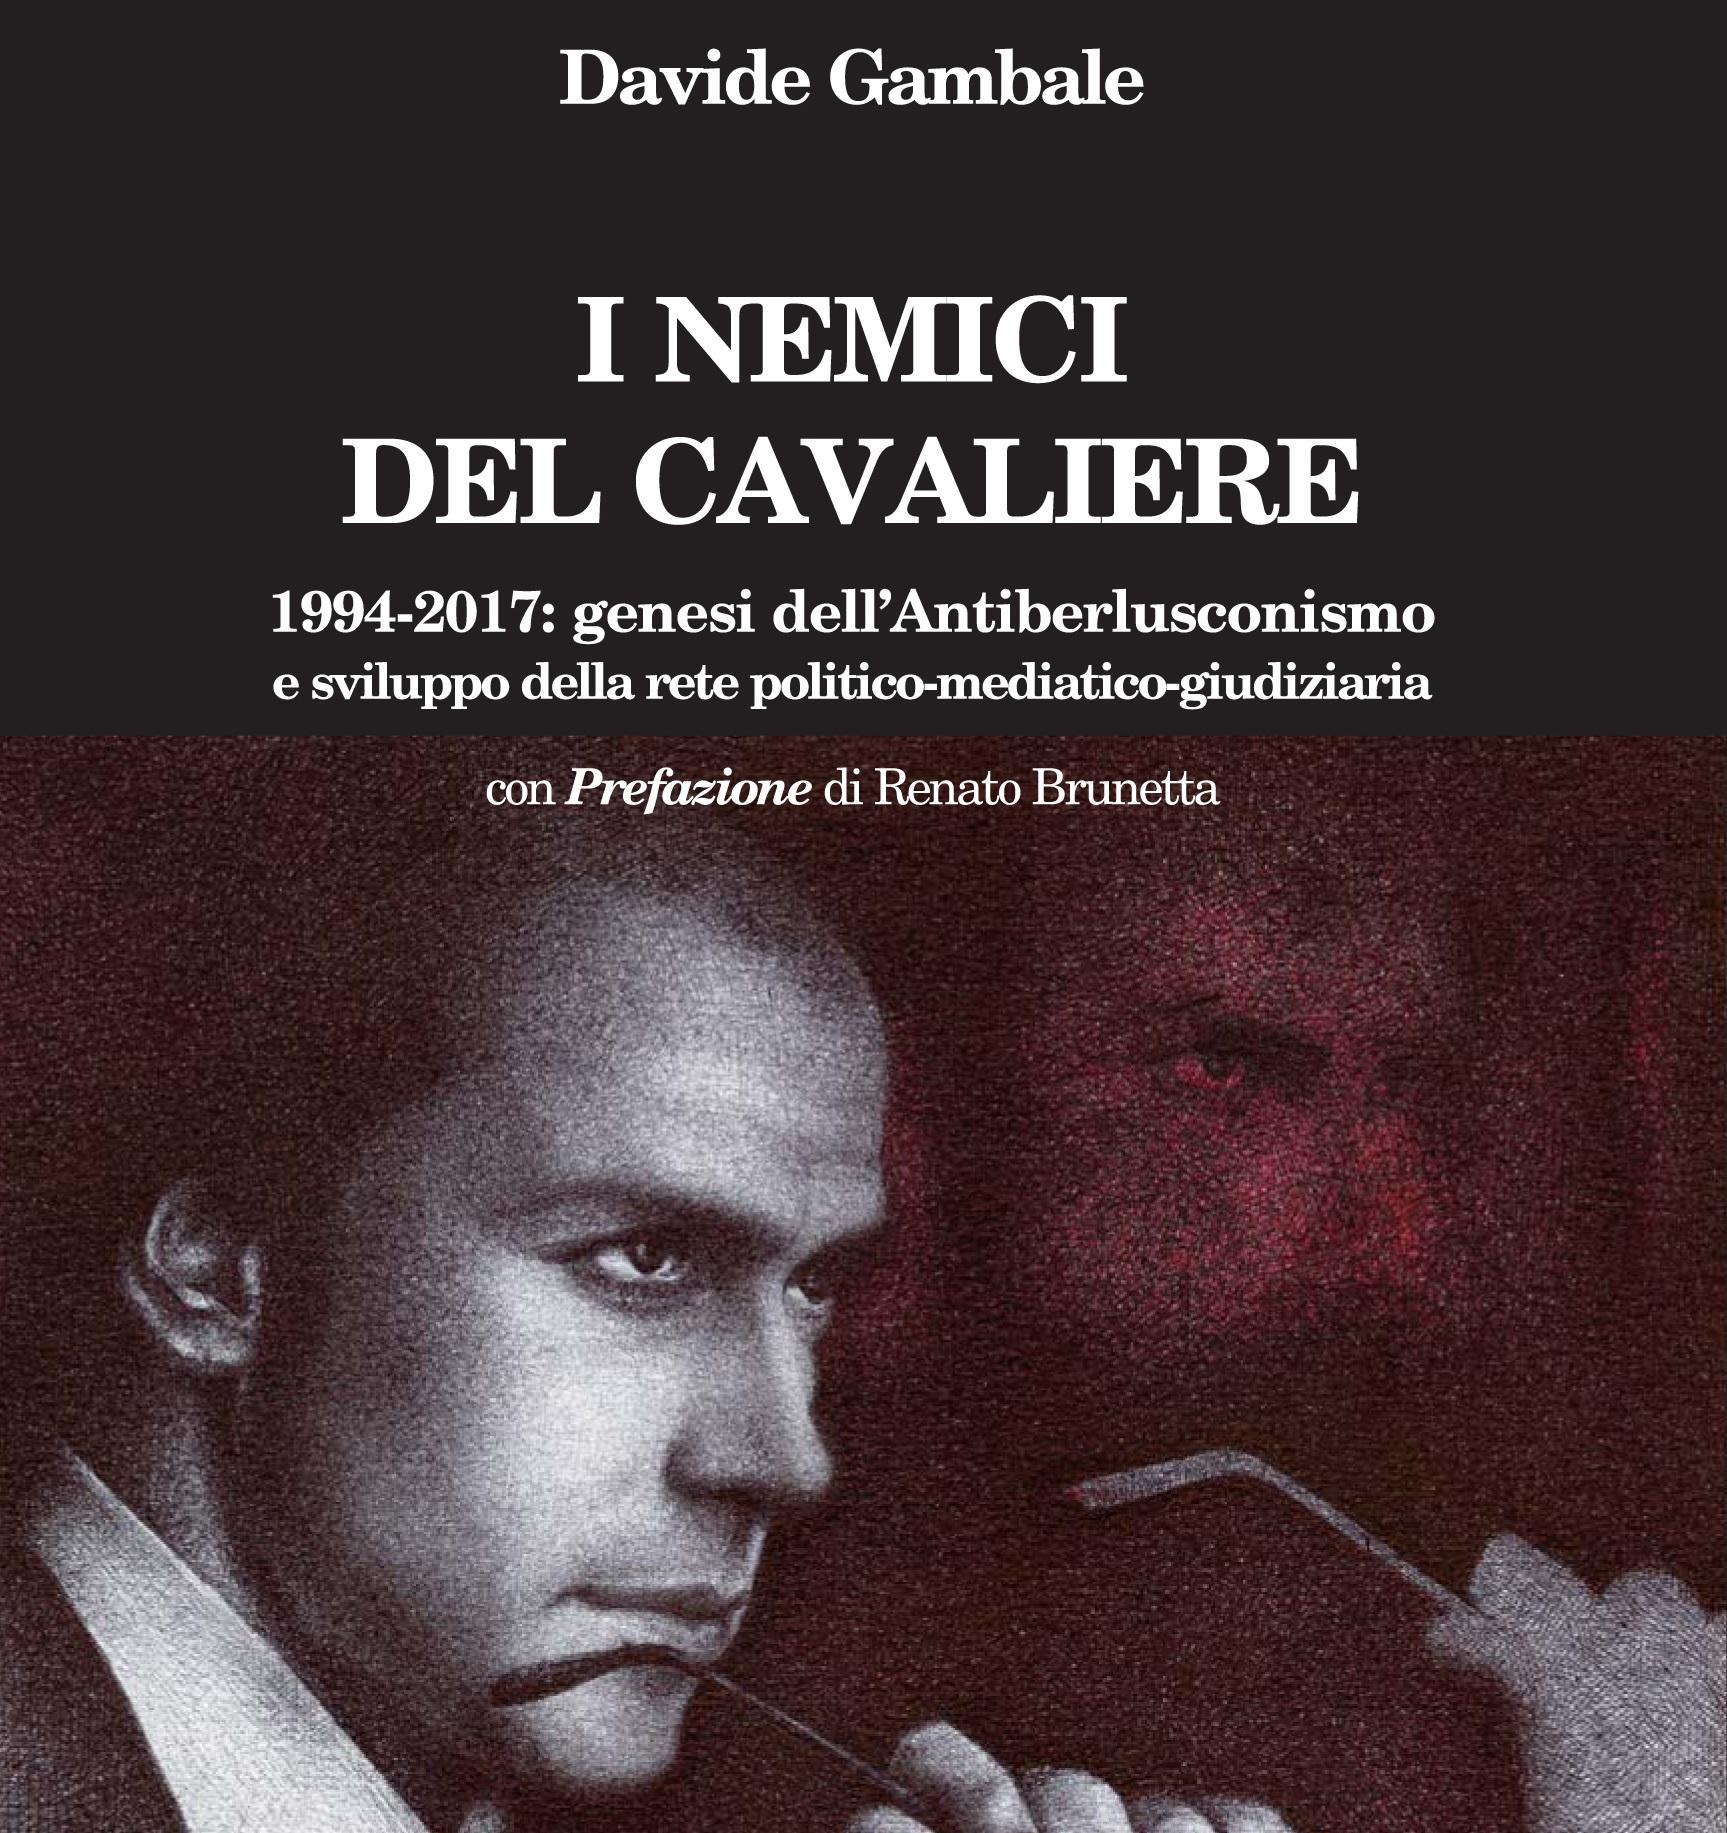 """""""I nemici del Cavaliere"""", domani presentazione del libro di Davide Gambale"""